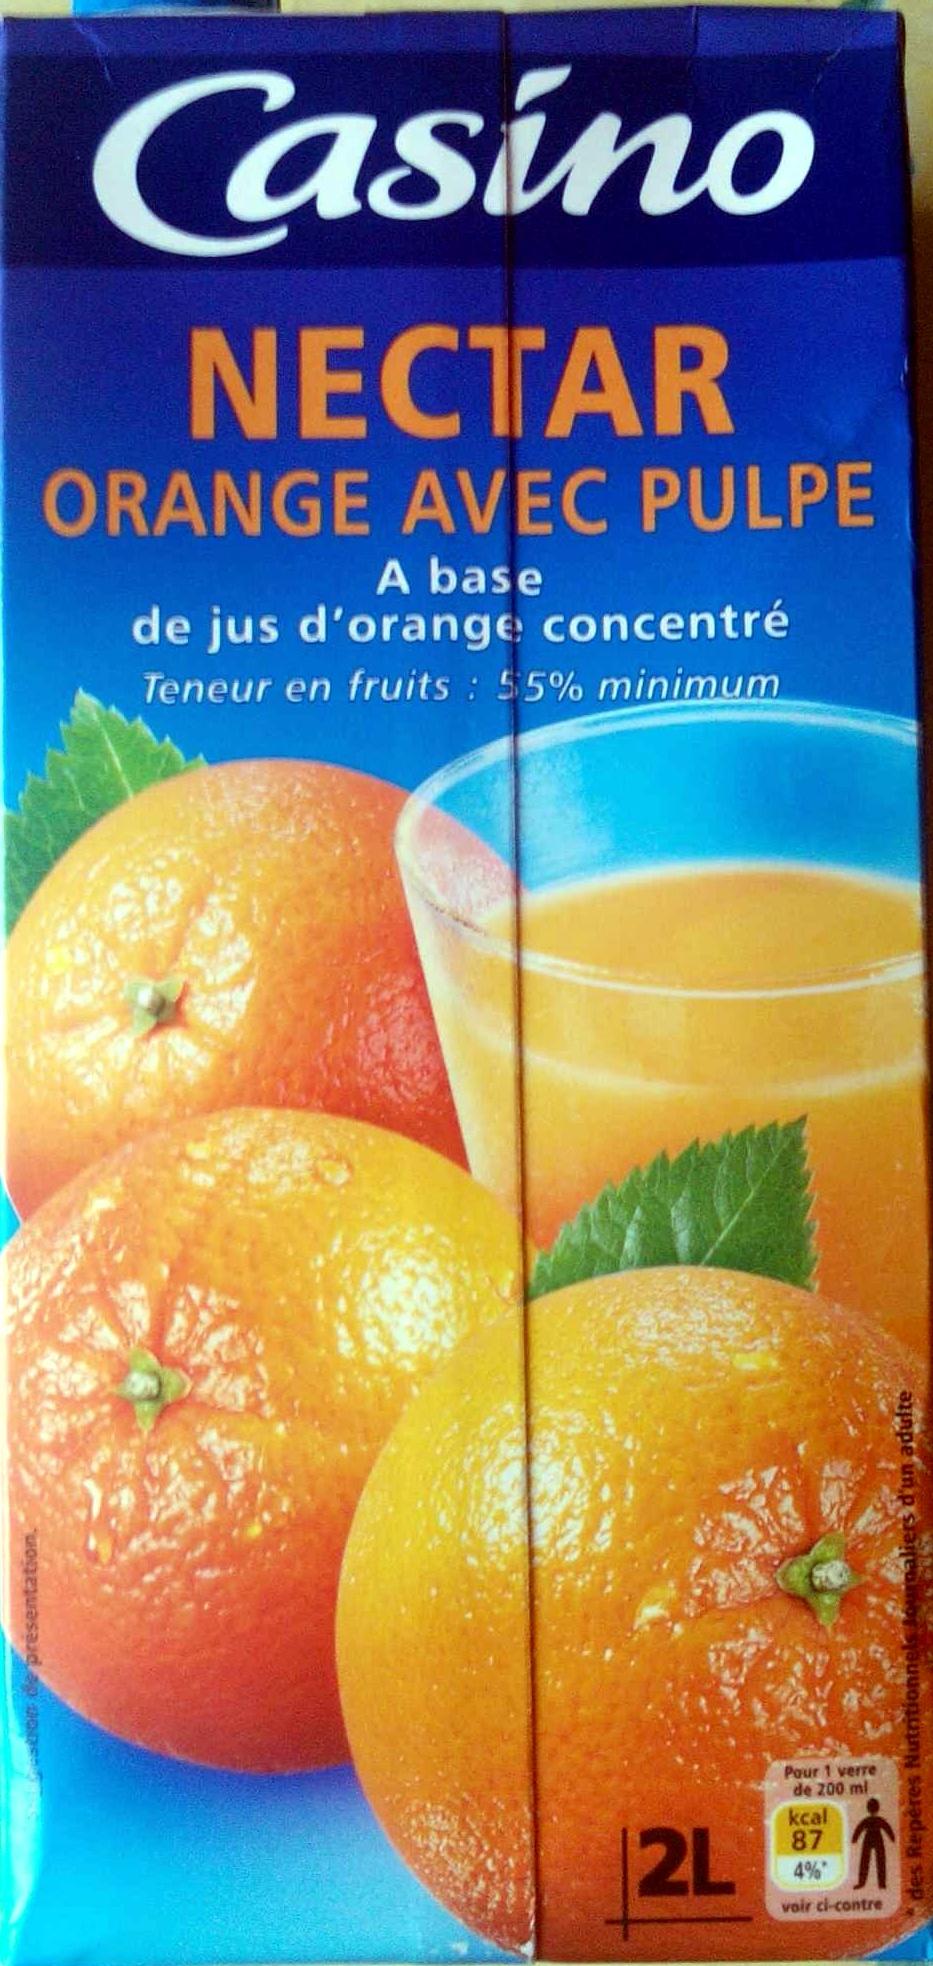 Nectar d'orange à base de jus concentré Teneur en fruits : 55 % minimum - Produit - fr